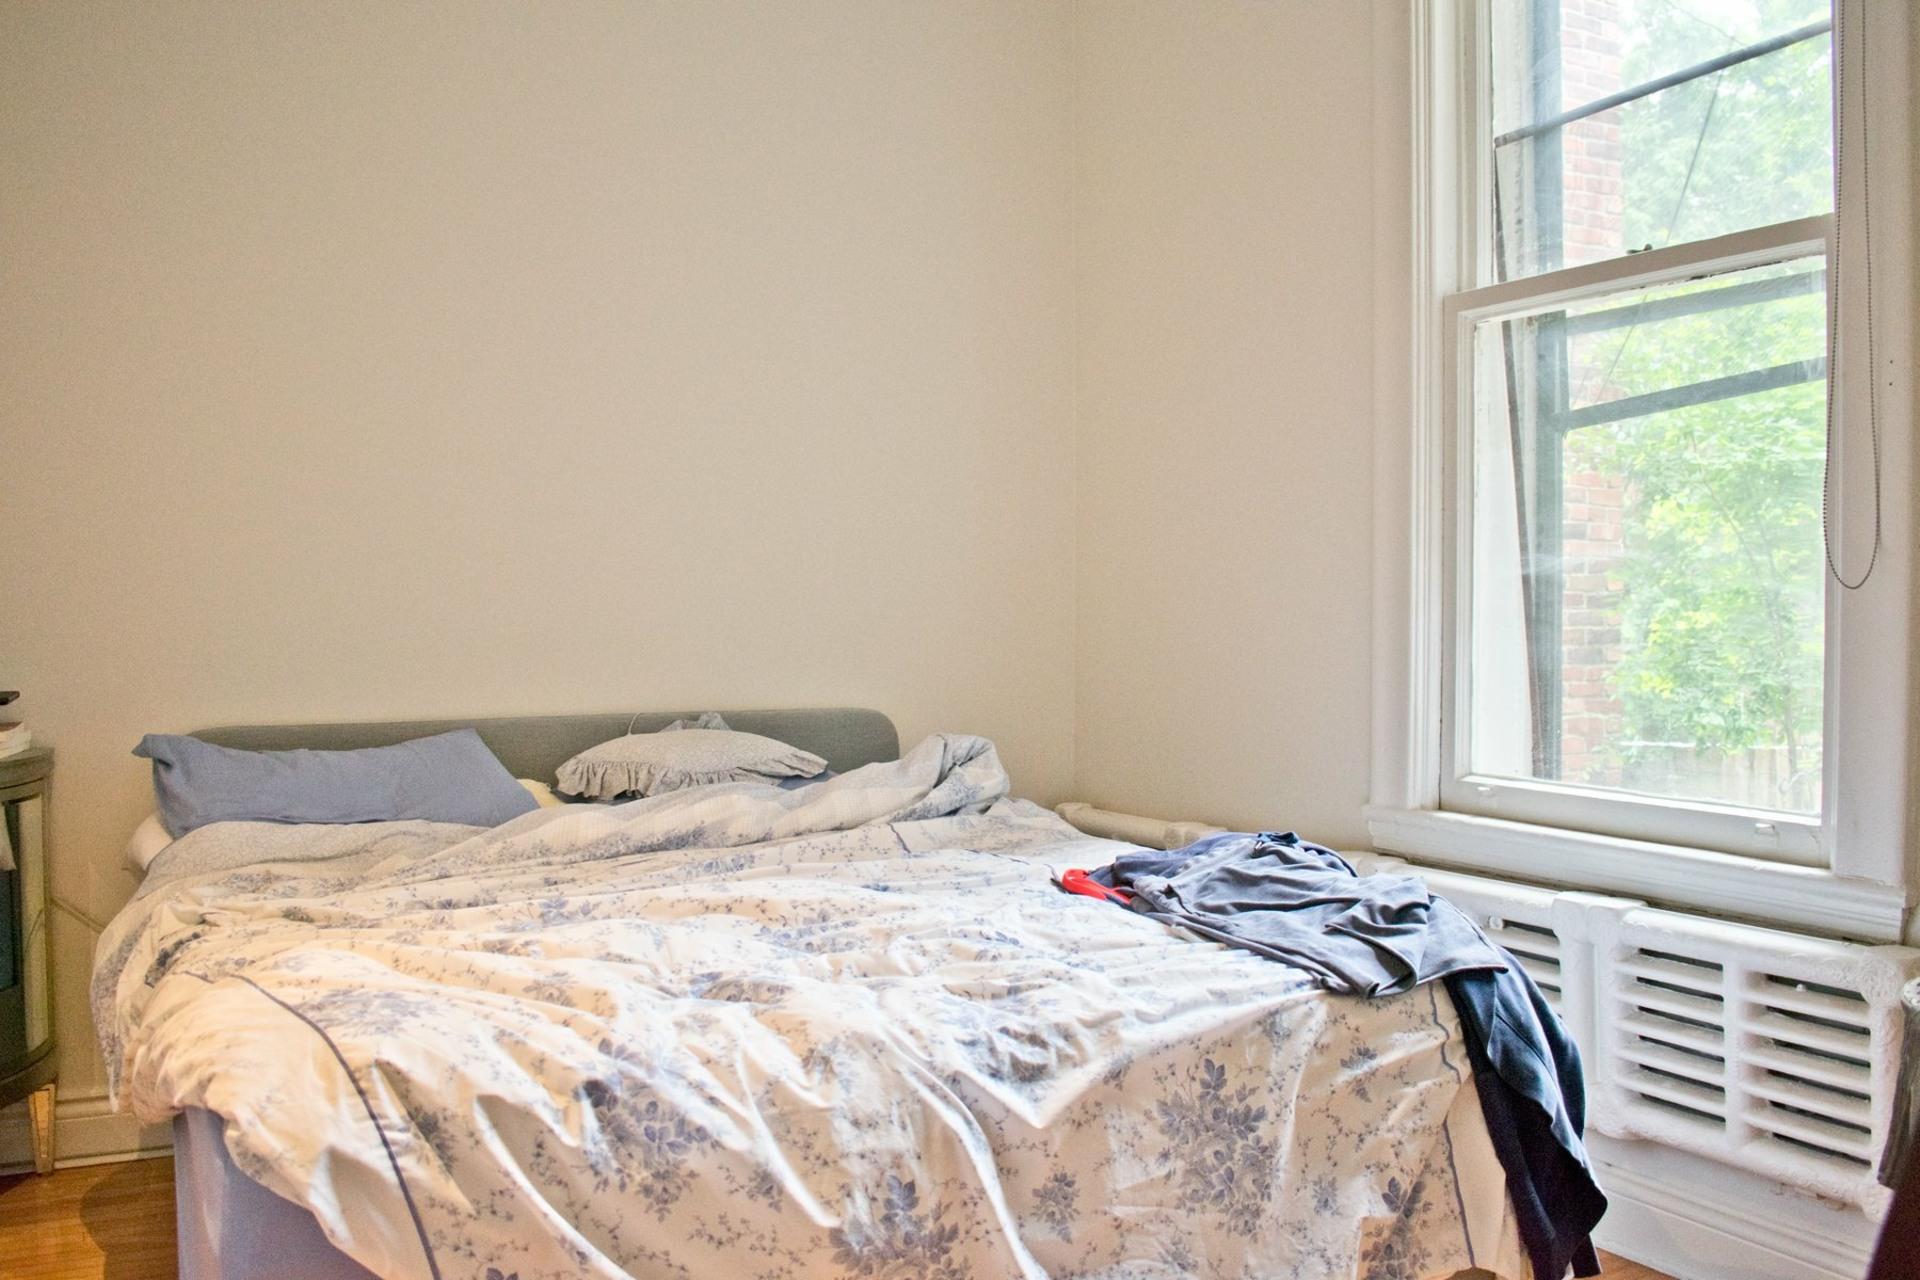 image 8 - Appartement À louer Côte-des-Neiges/Notre-Dame-de-Grâce Montréal  - 11 pièces